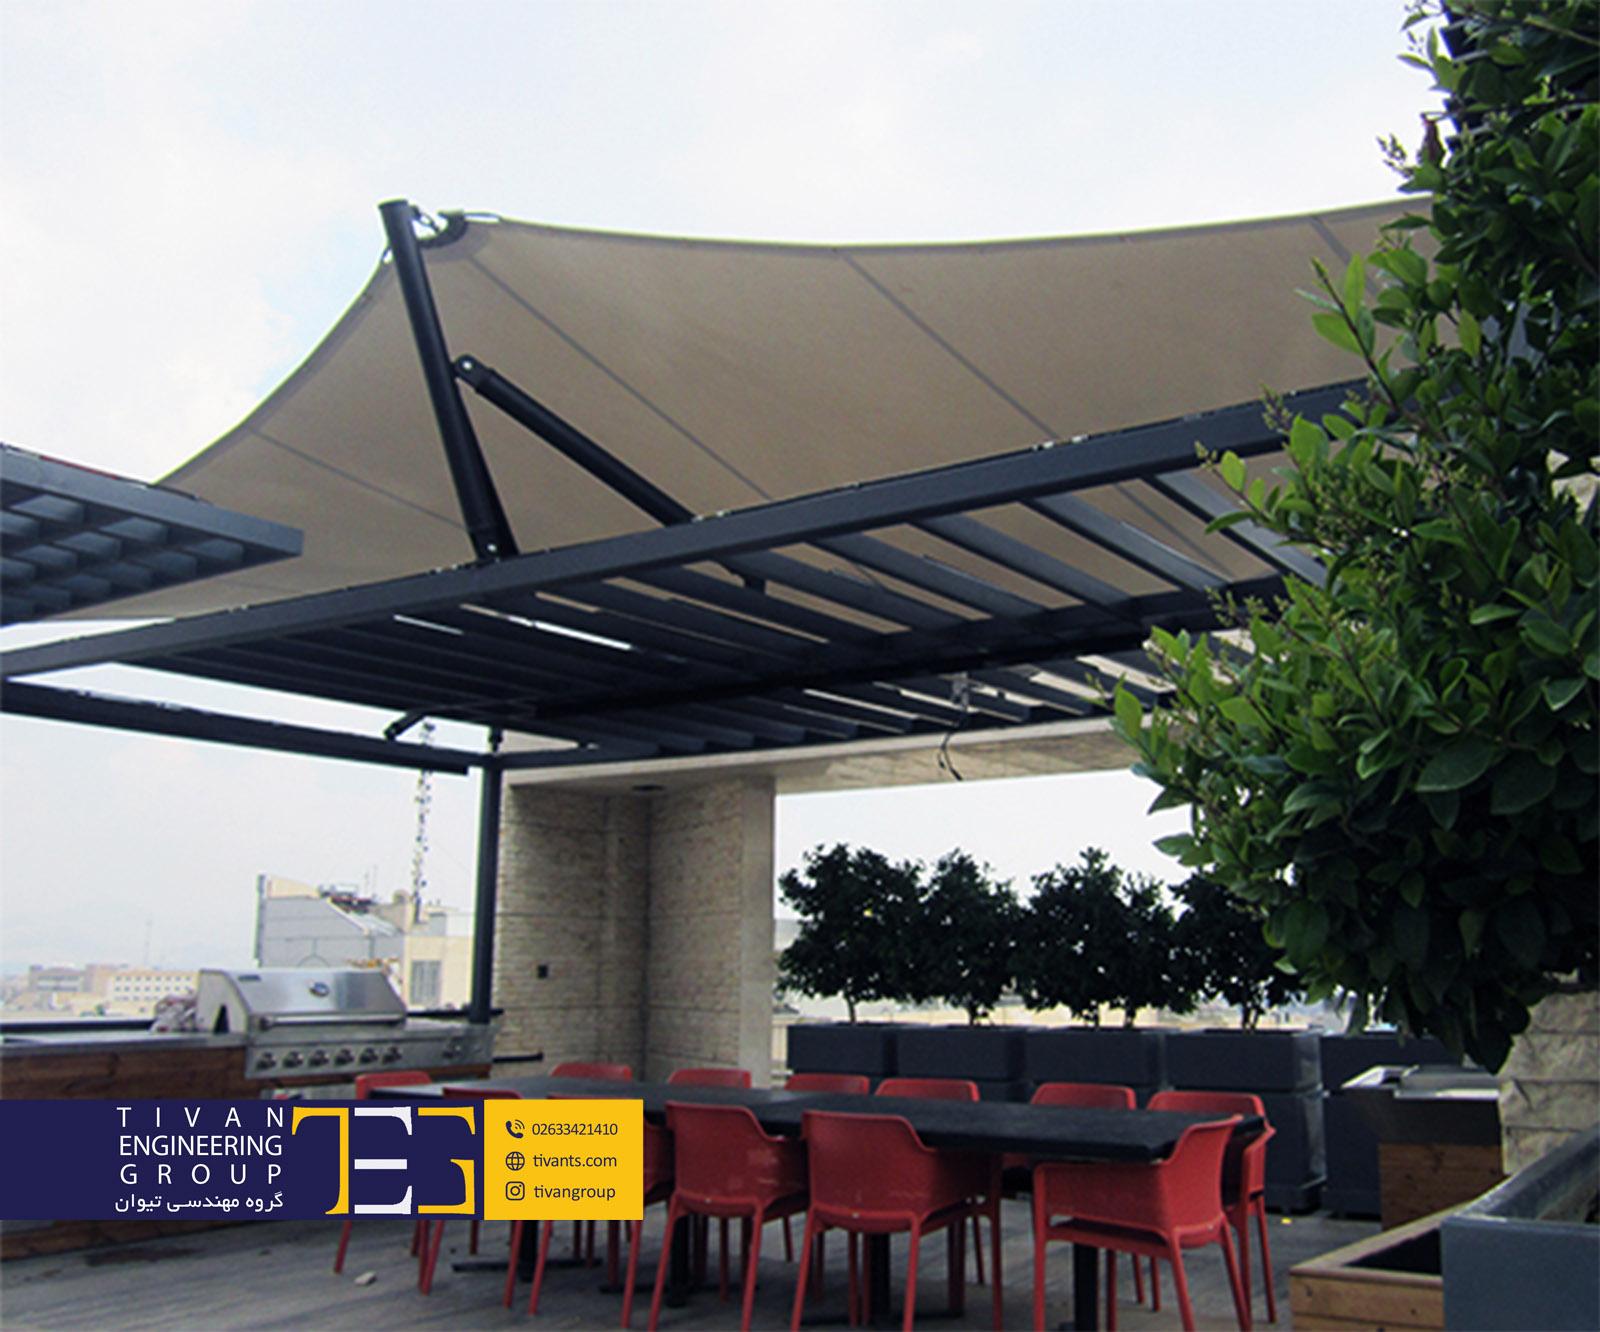 سایبان بام فضایی زیبا برای نشیمن در تهران